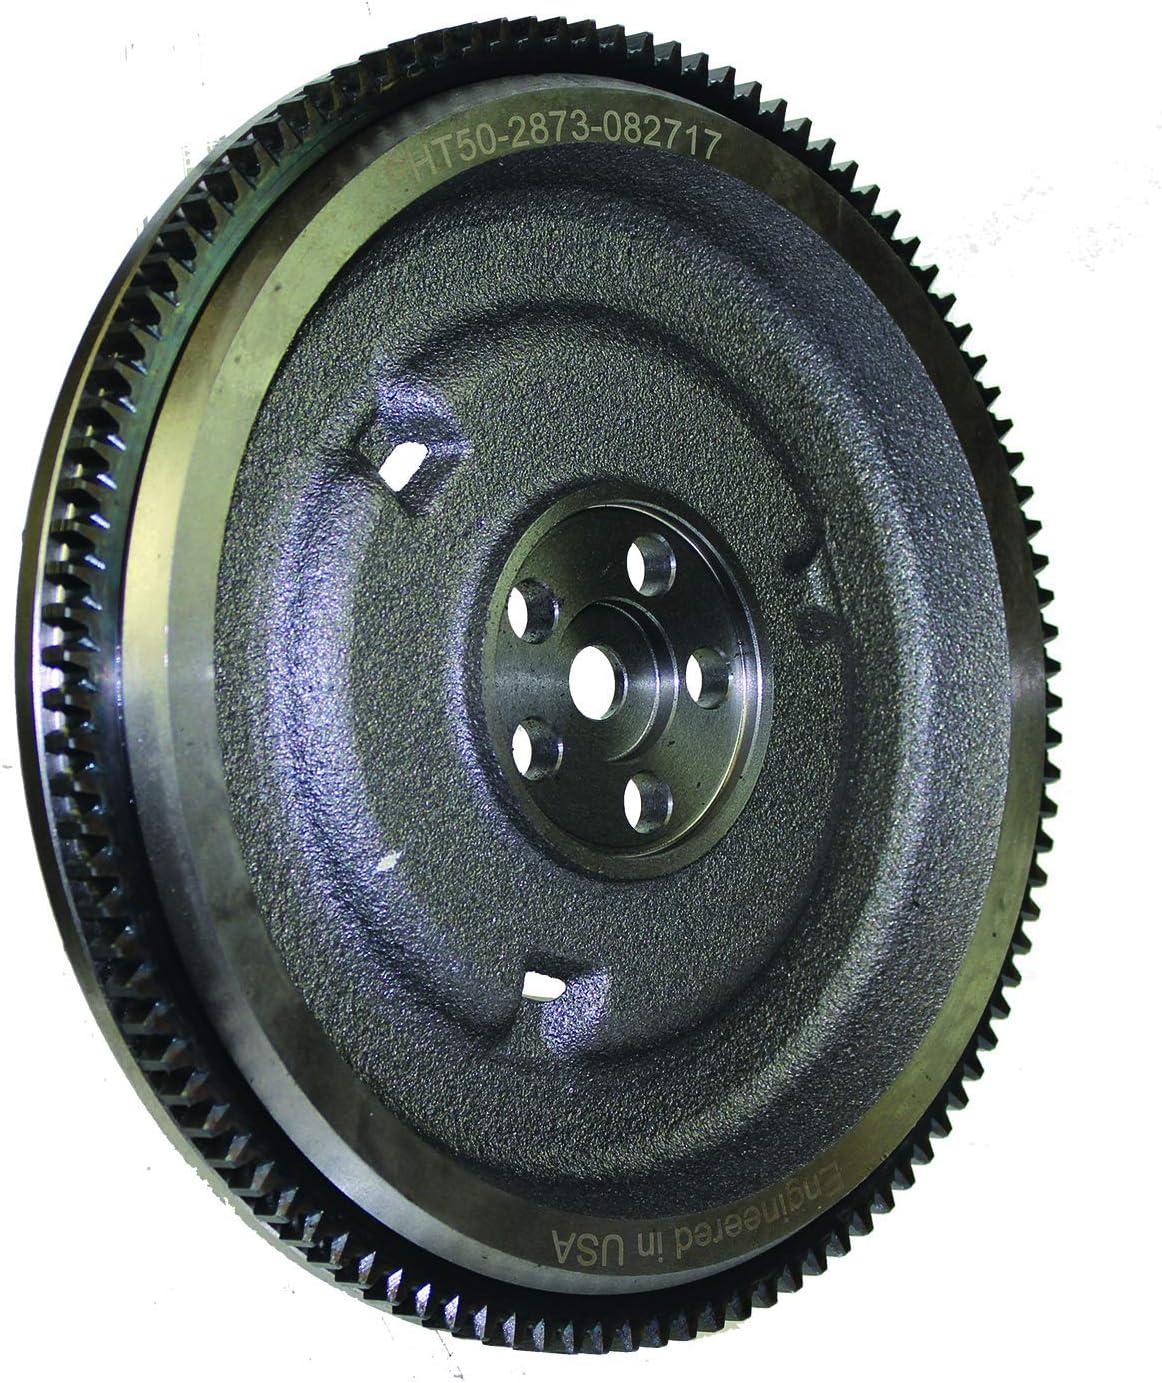 Perfection Clutch 50-2873 New Clutch Flywheel